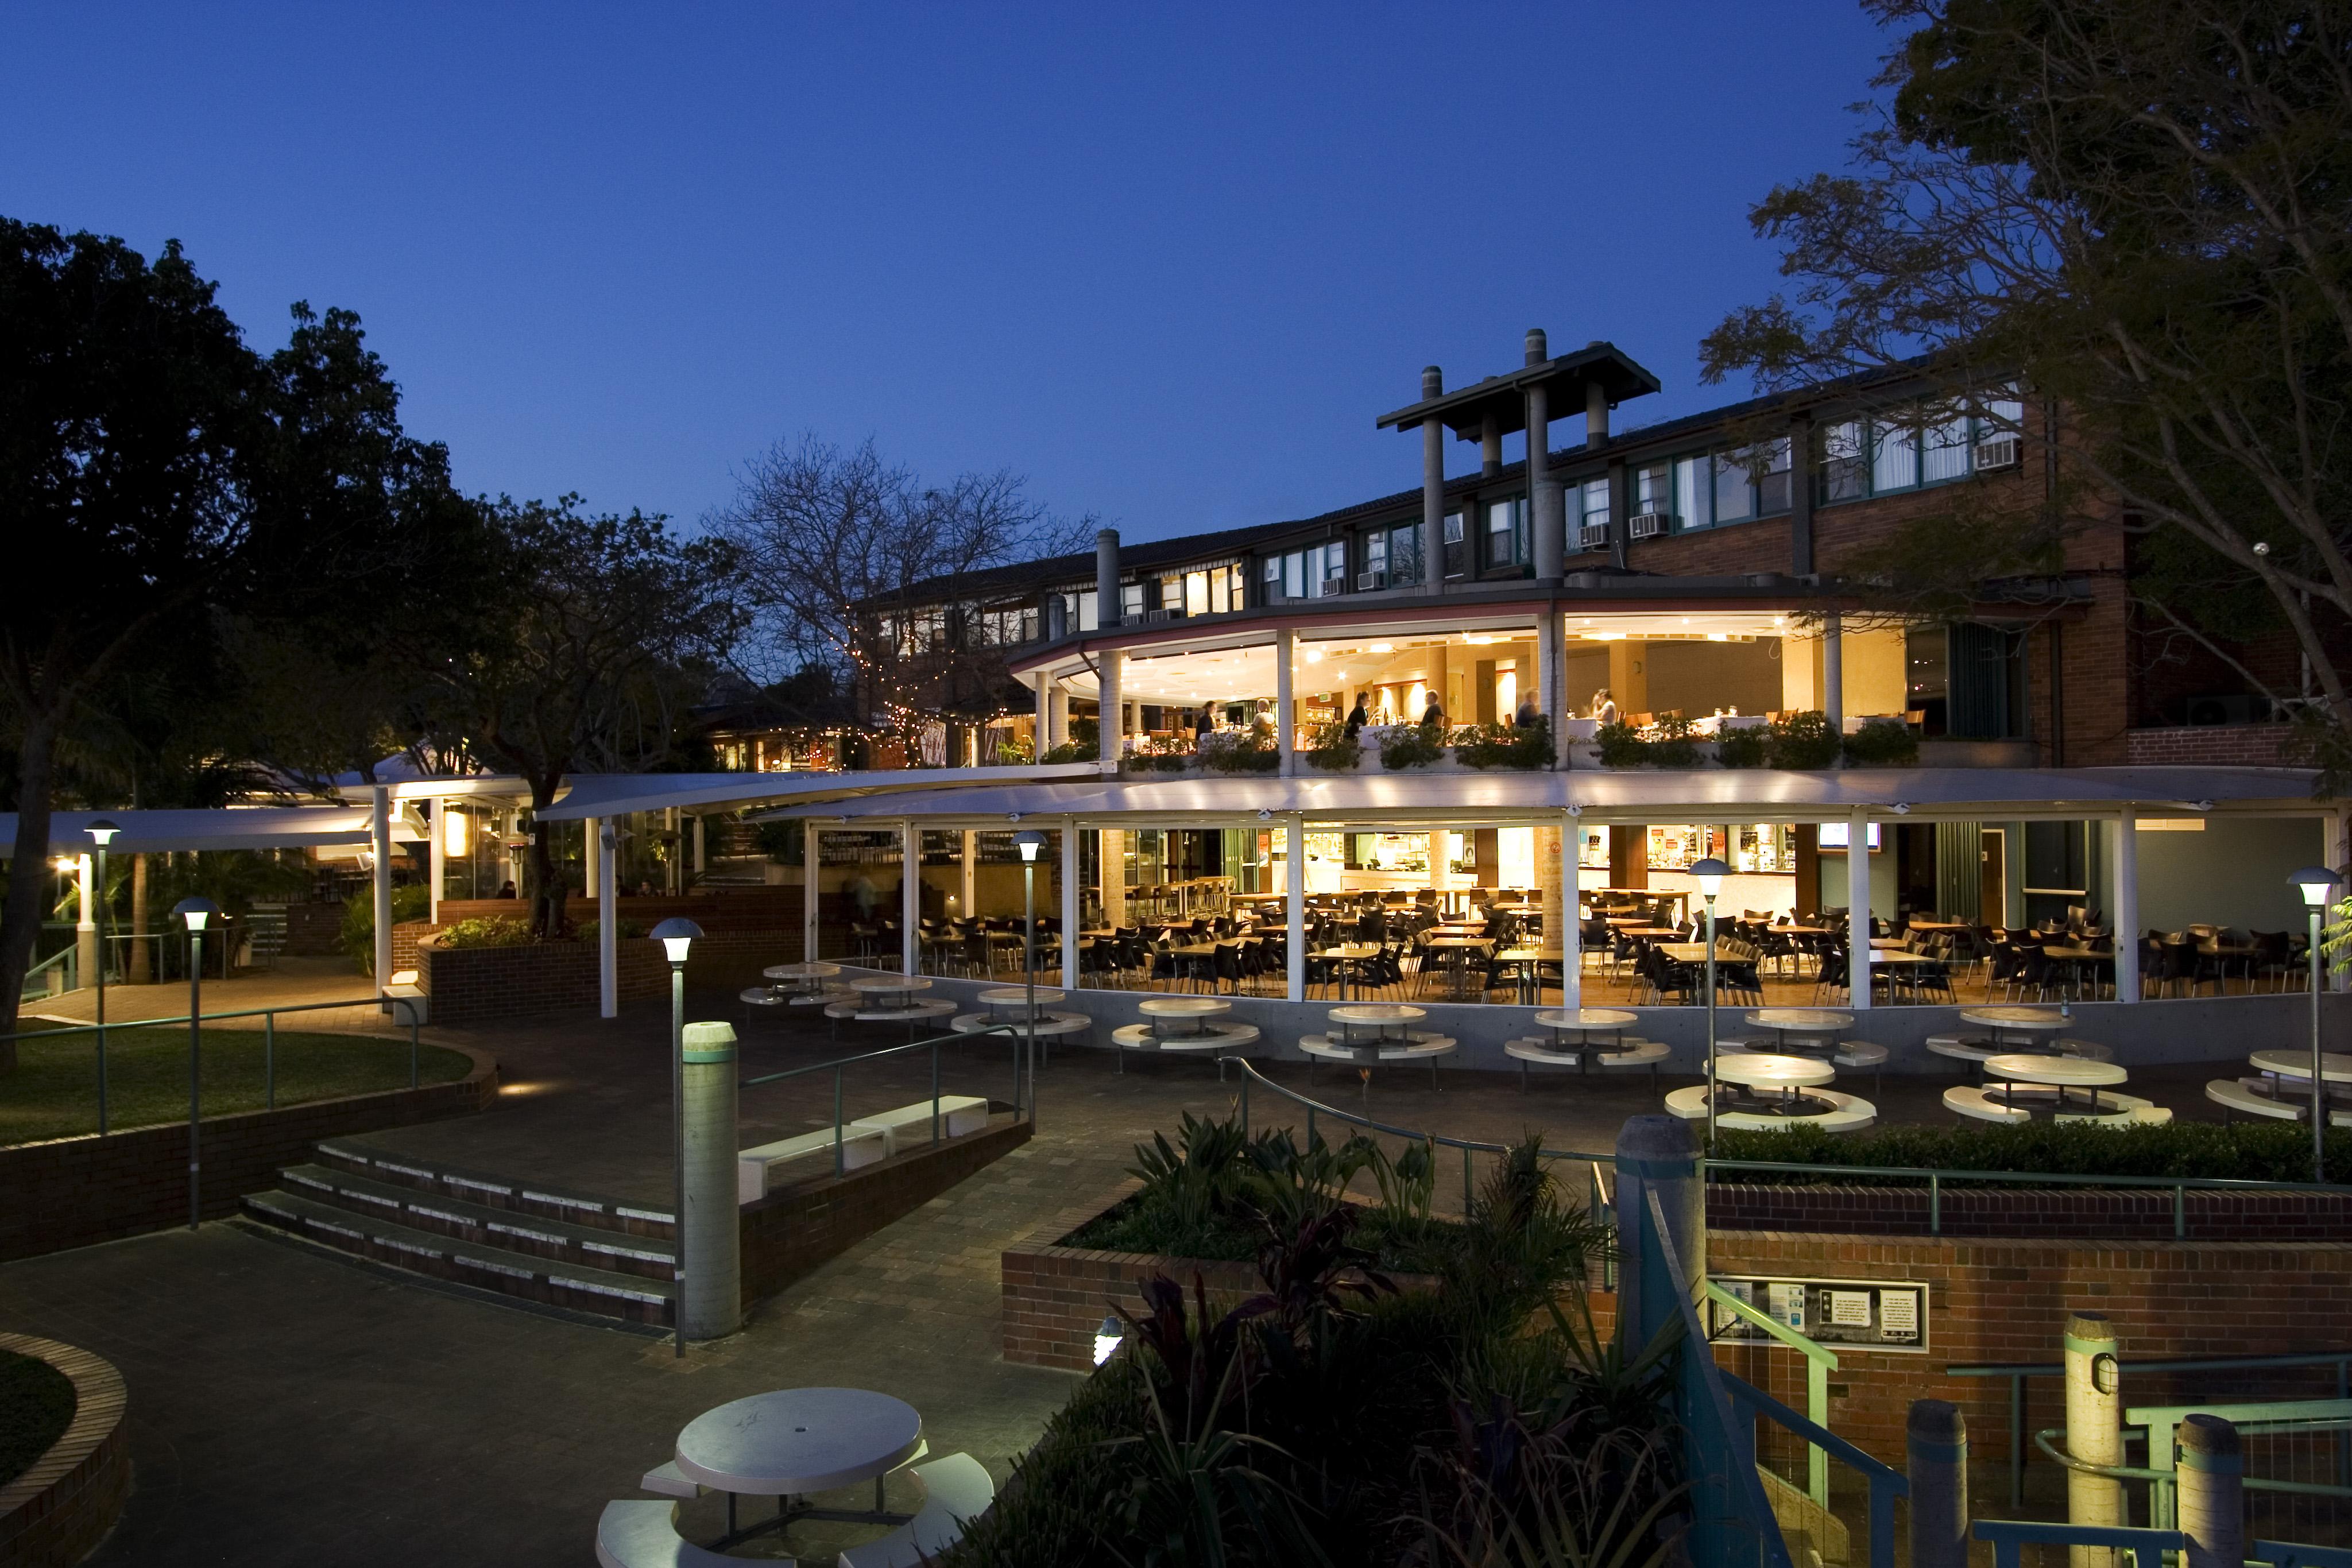 Newport Ams Hotel